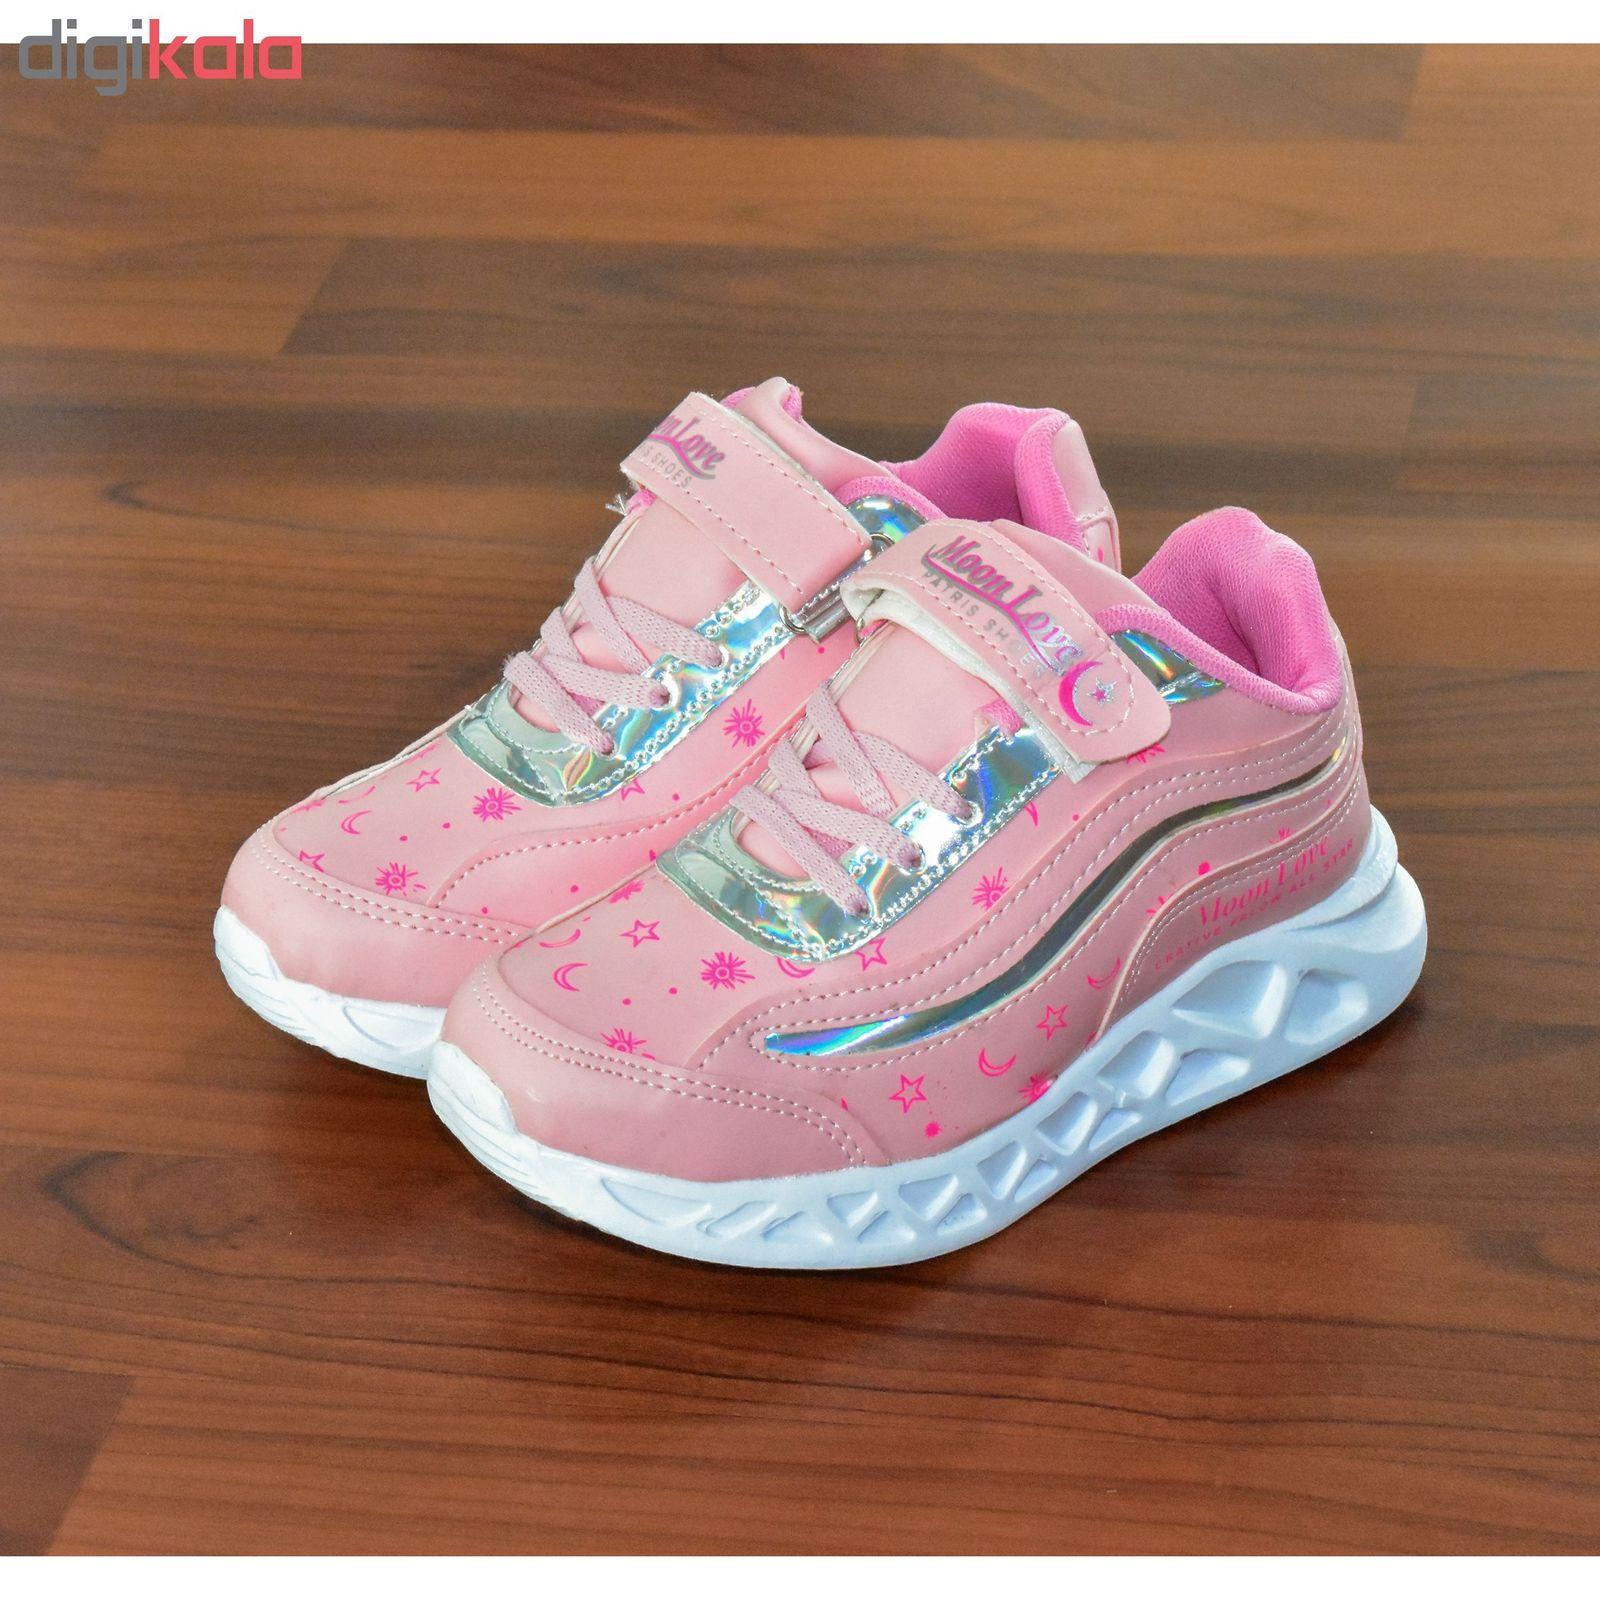 کفش راحتی دخترانه پاتریس مدل ستاره کد 4583 main 1 2